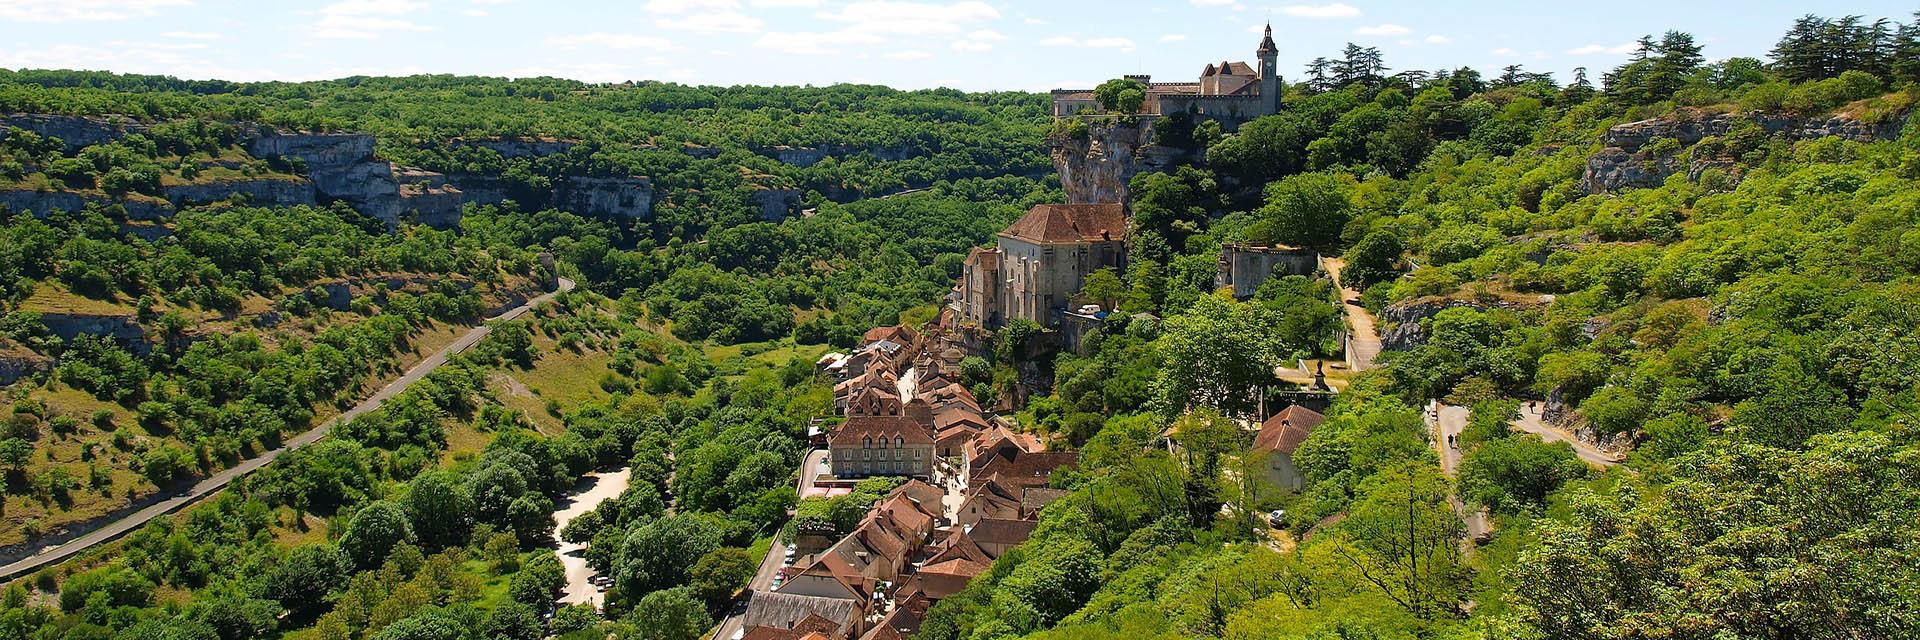 village-vacance-cap-france-pyrenee-domaine-du-surgié-nature-figeac-paysage